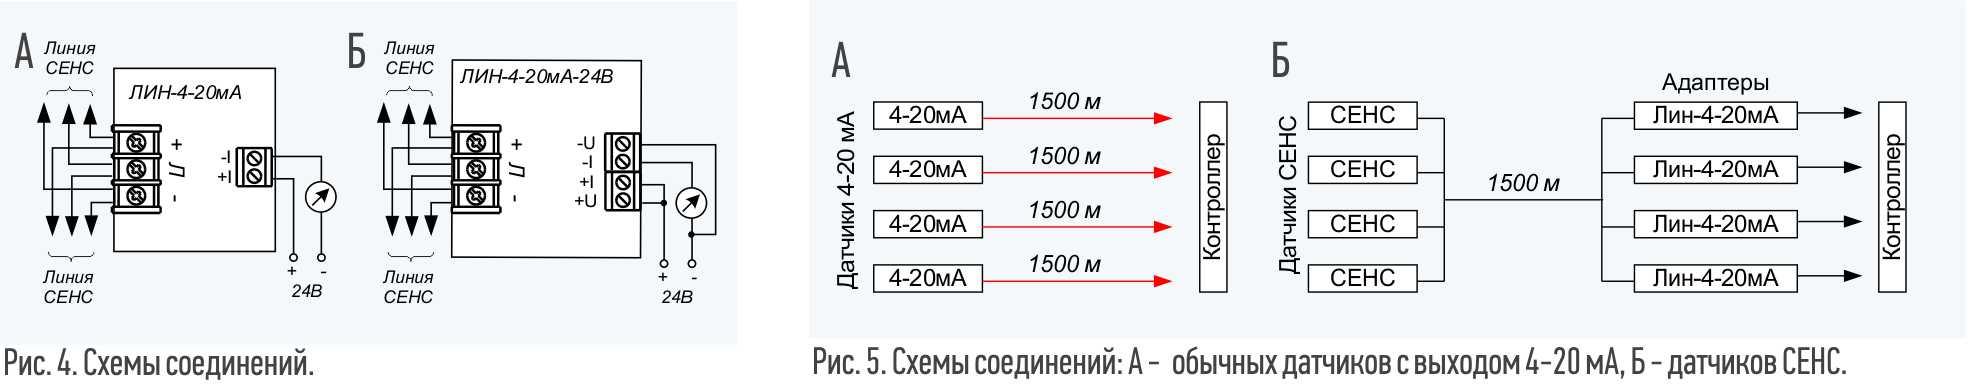 1, схемы соединений - рис. 4.